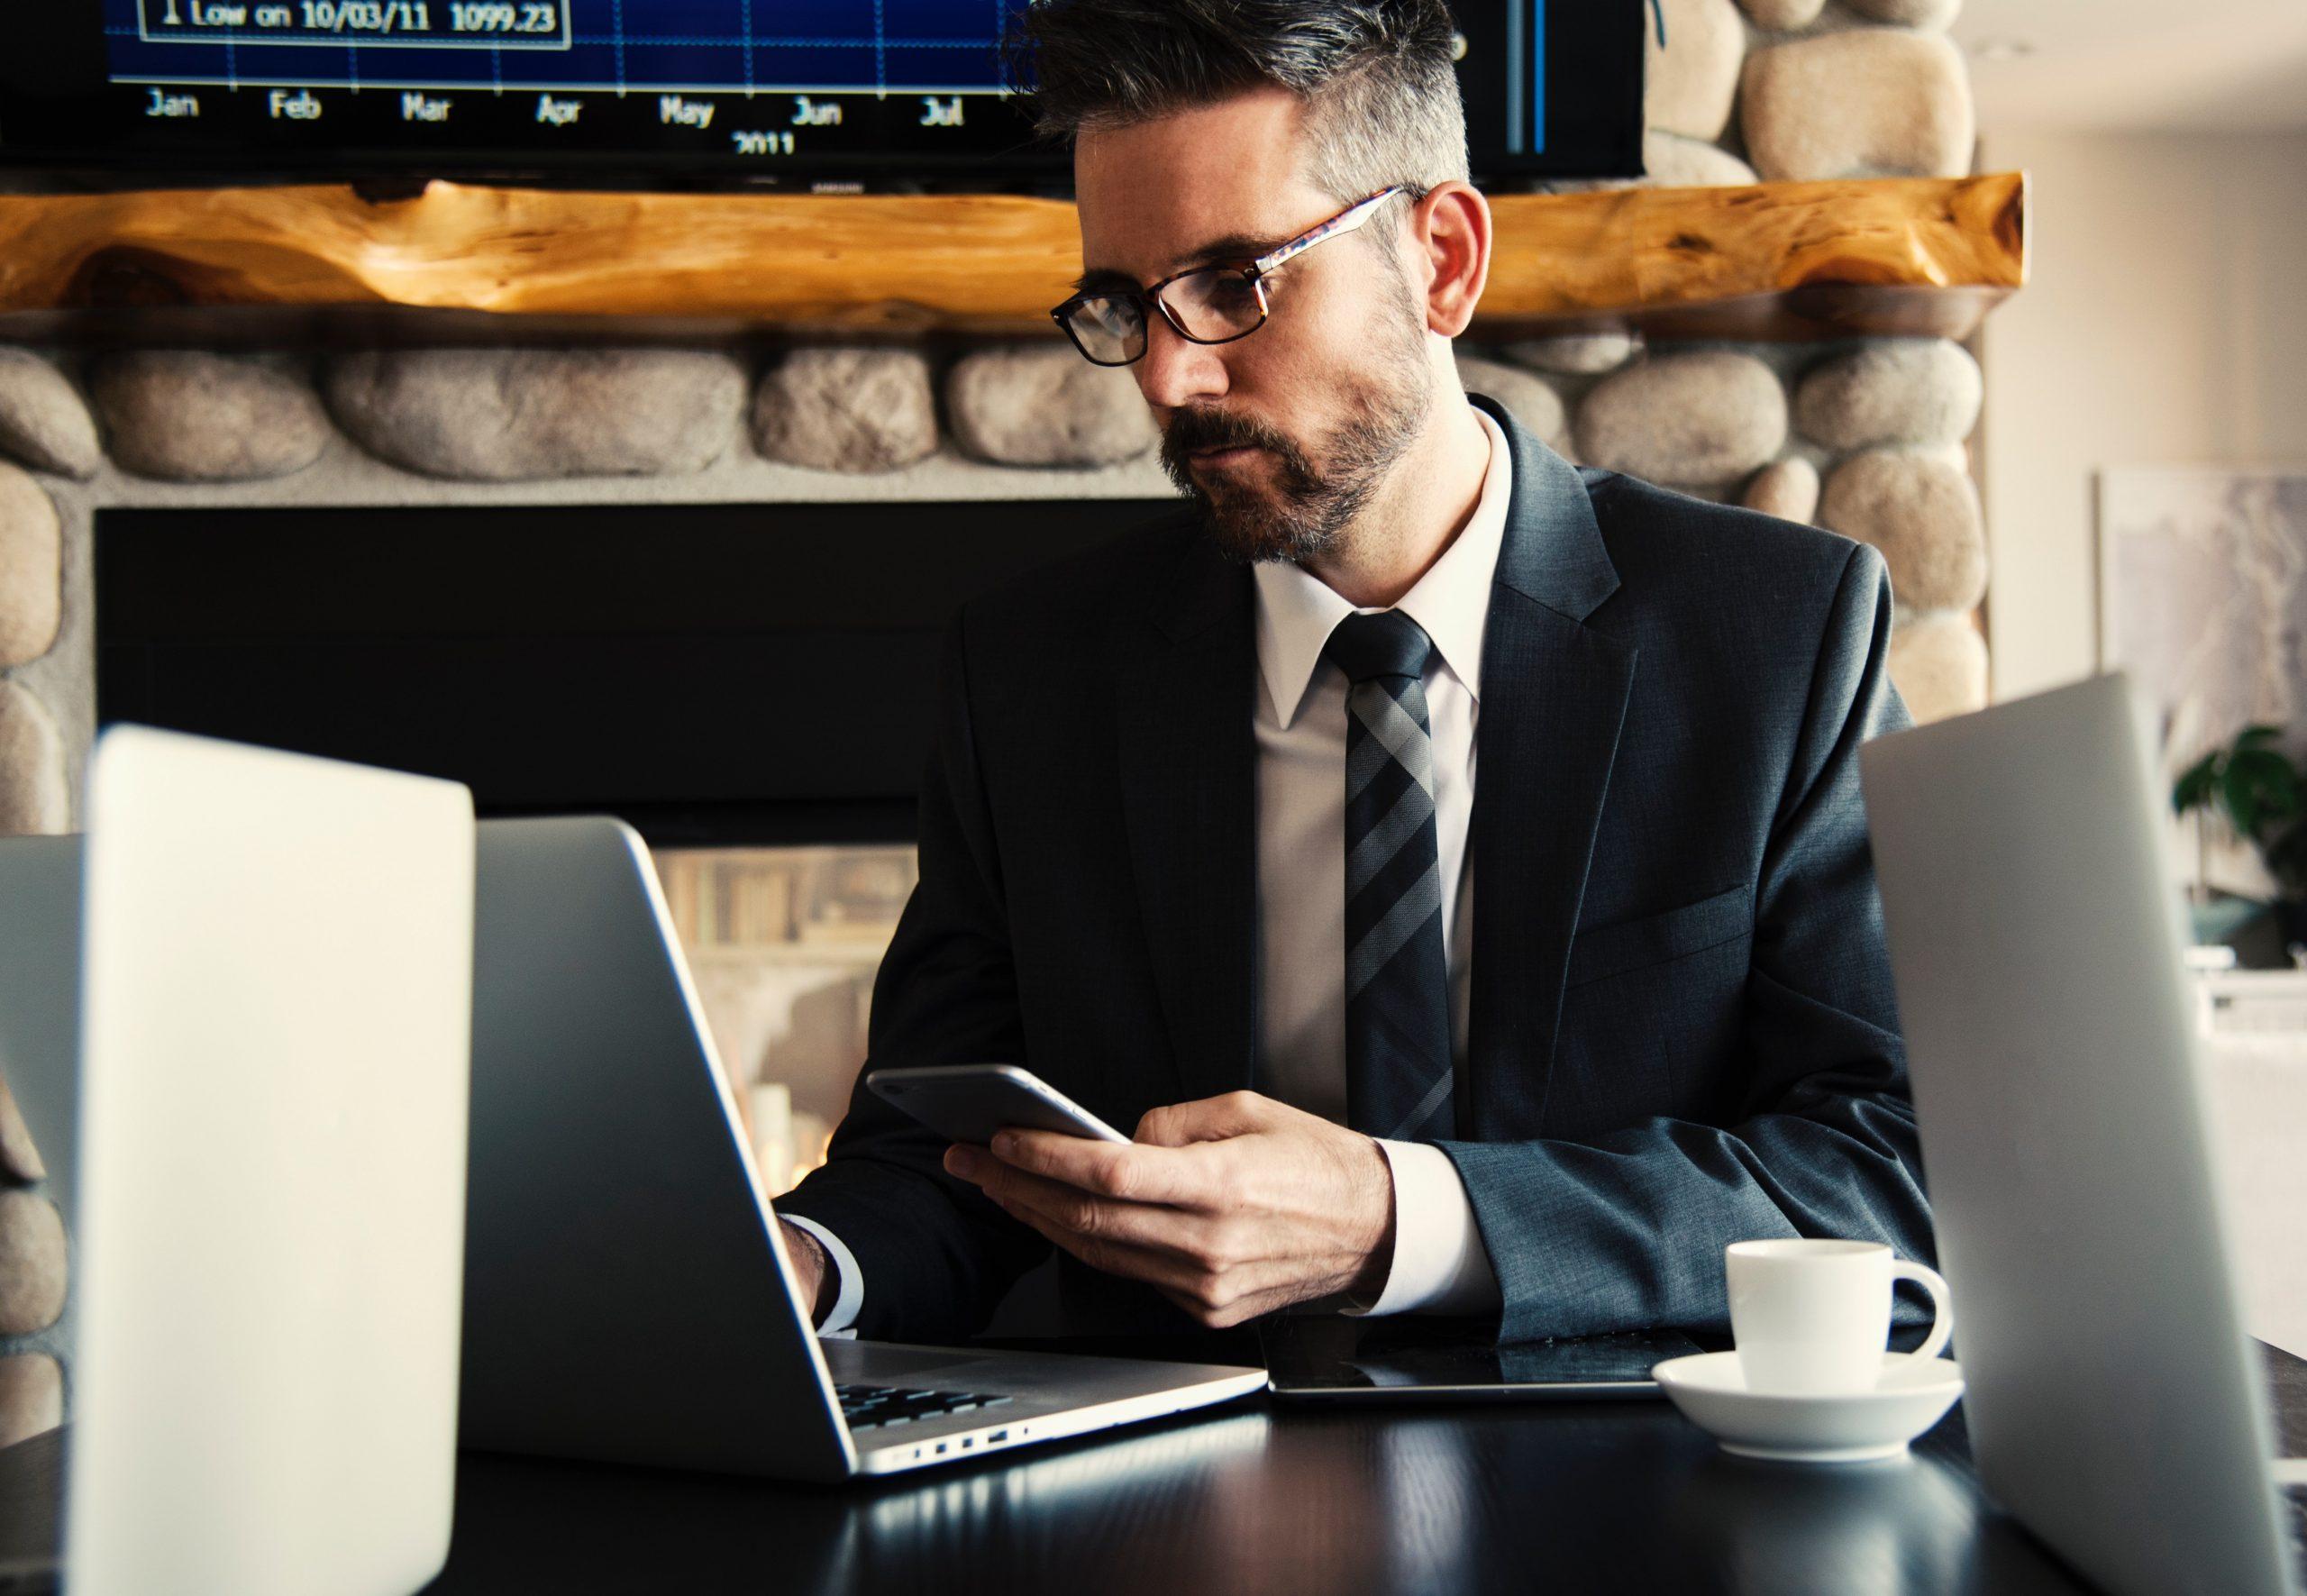 โปรแกรมไหนเหมาะกับธุรกิจมากกว่า